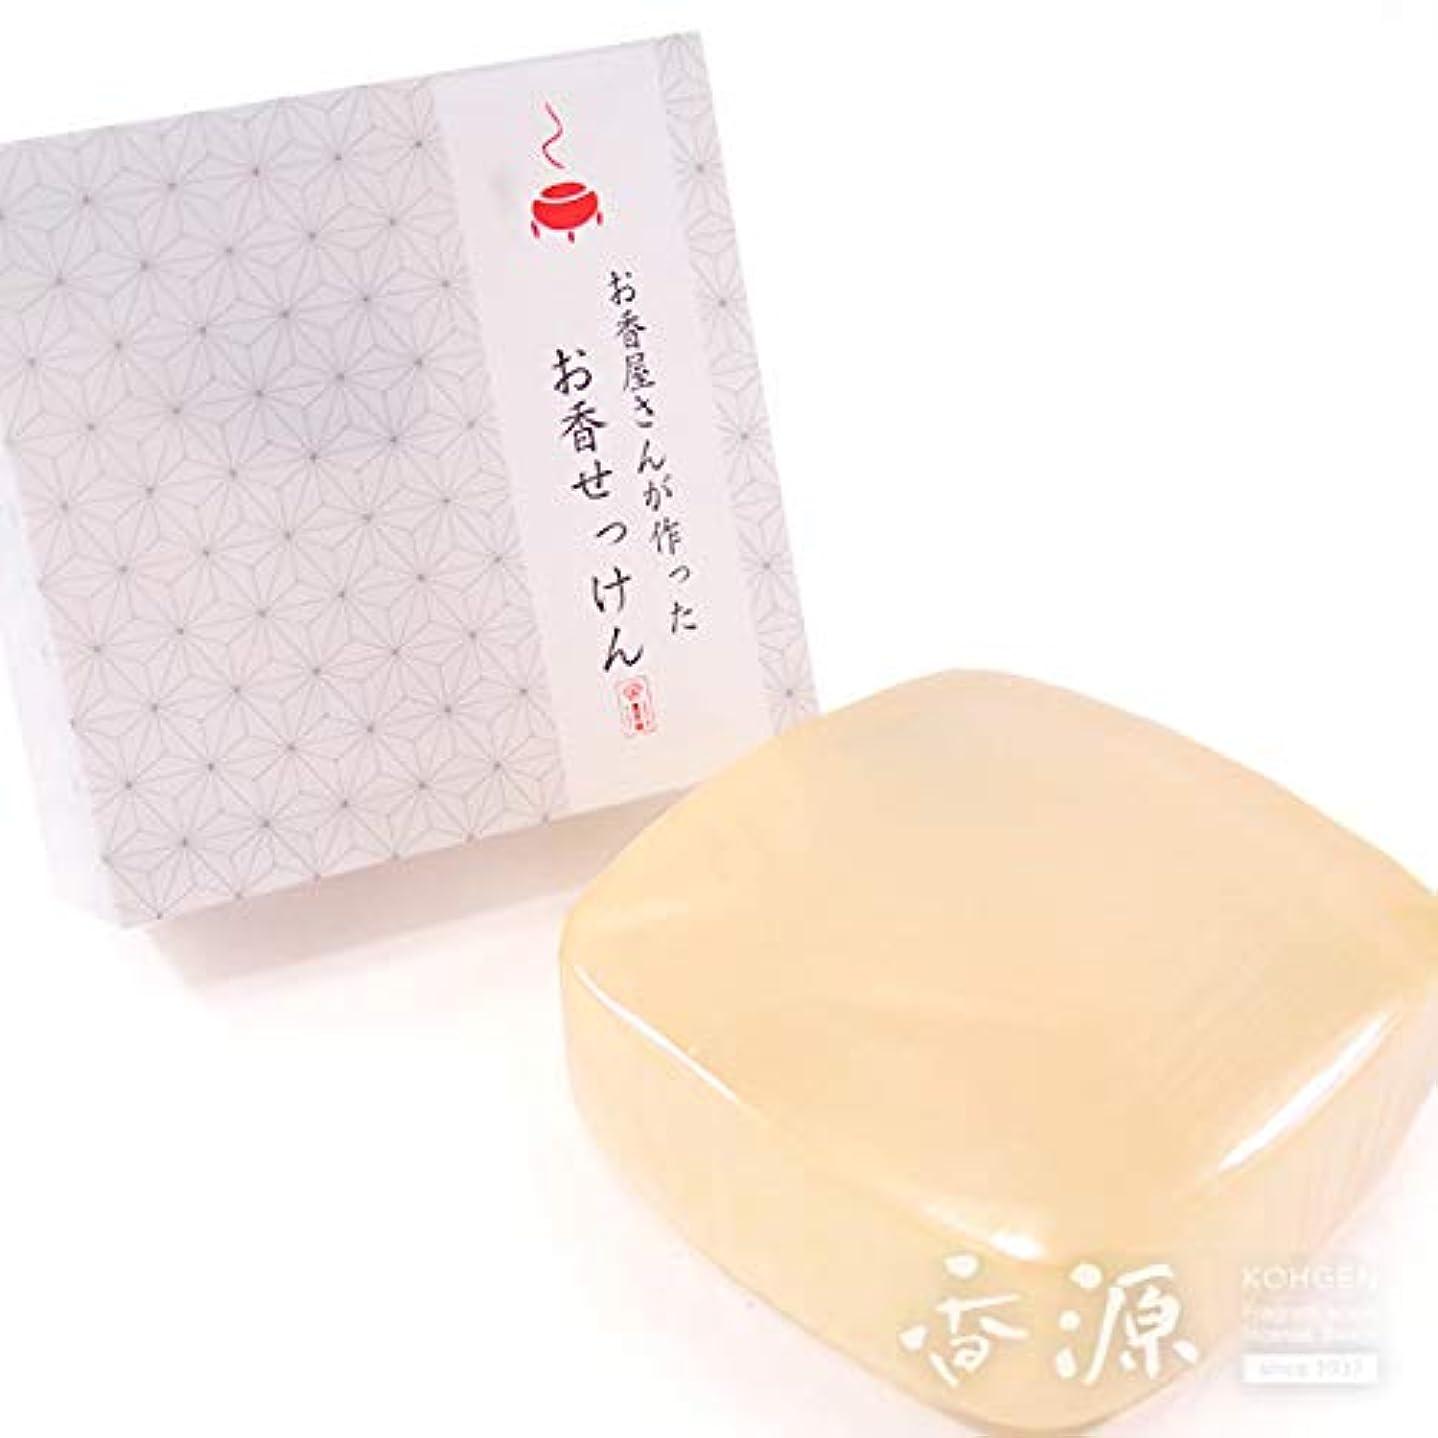 お香石鹸 大100g